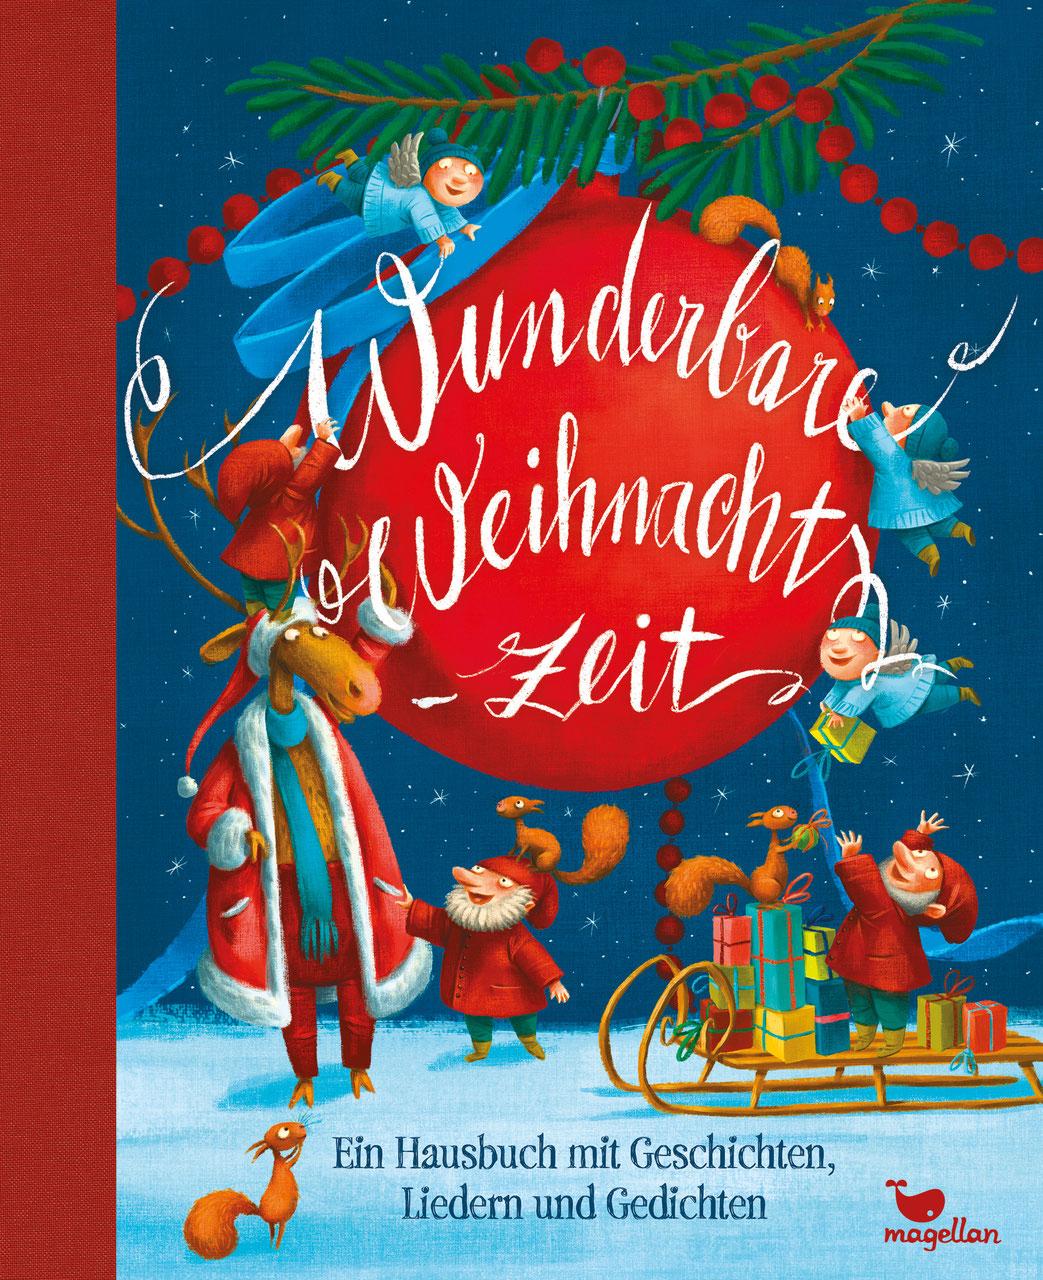 Weihnachten - Magellan Verlag verwandt mit Geschichten Zur Weihnachtszeit Für Die Ganze Familie